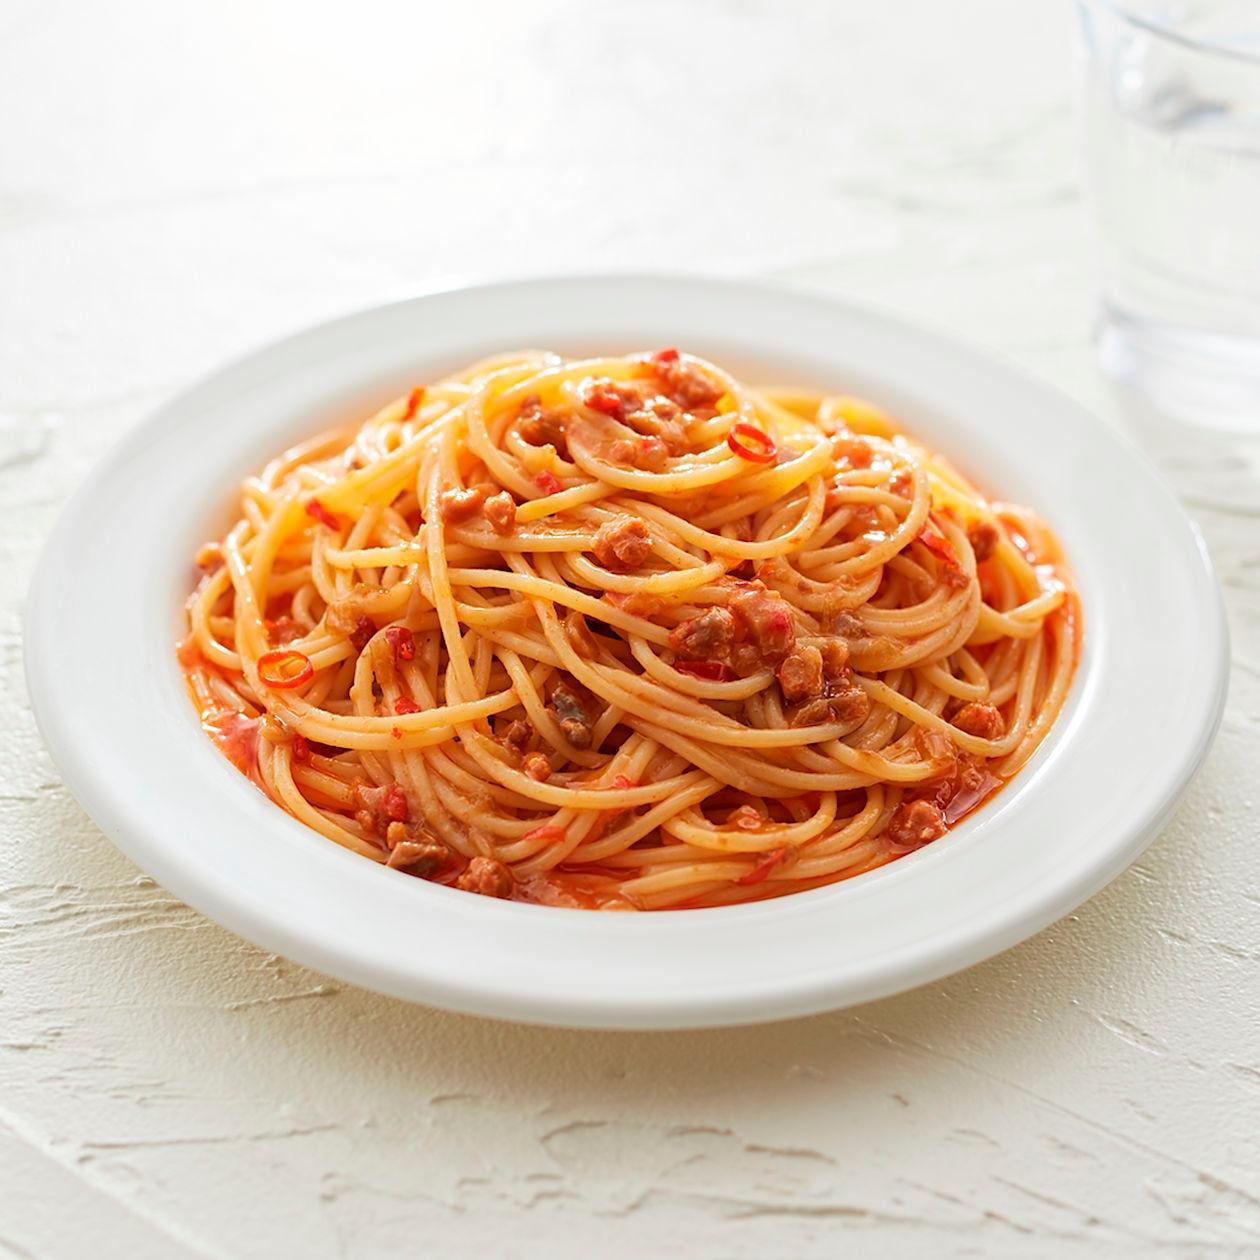 素材を生かしたパスタソース 海老と香味野菜のペペロンチーノ